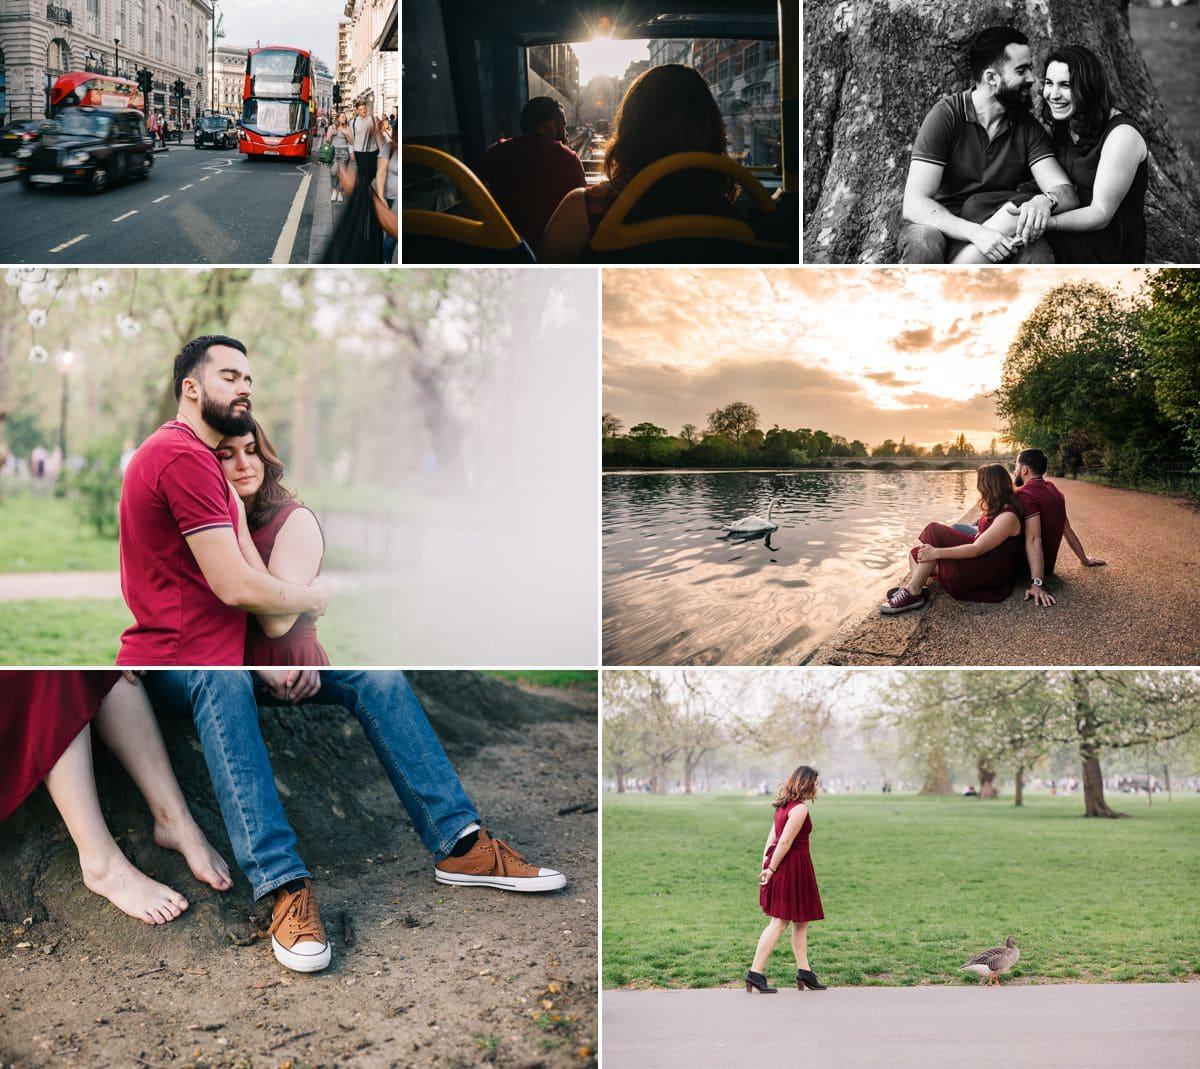 clement-renaut-photographe-professionnel-strasbourg-alsace-mariage-portrait-grossesse 12